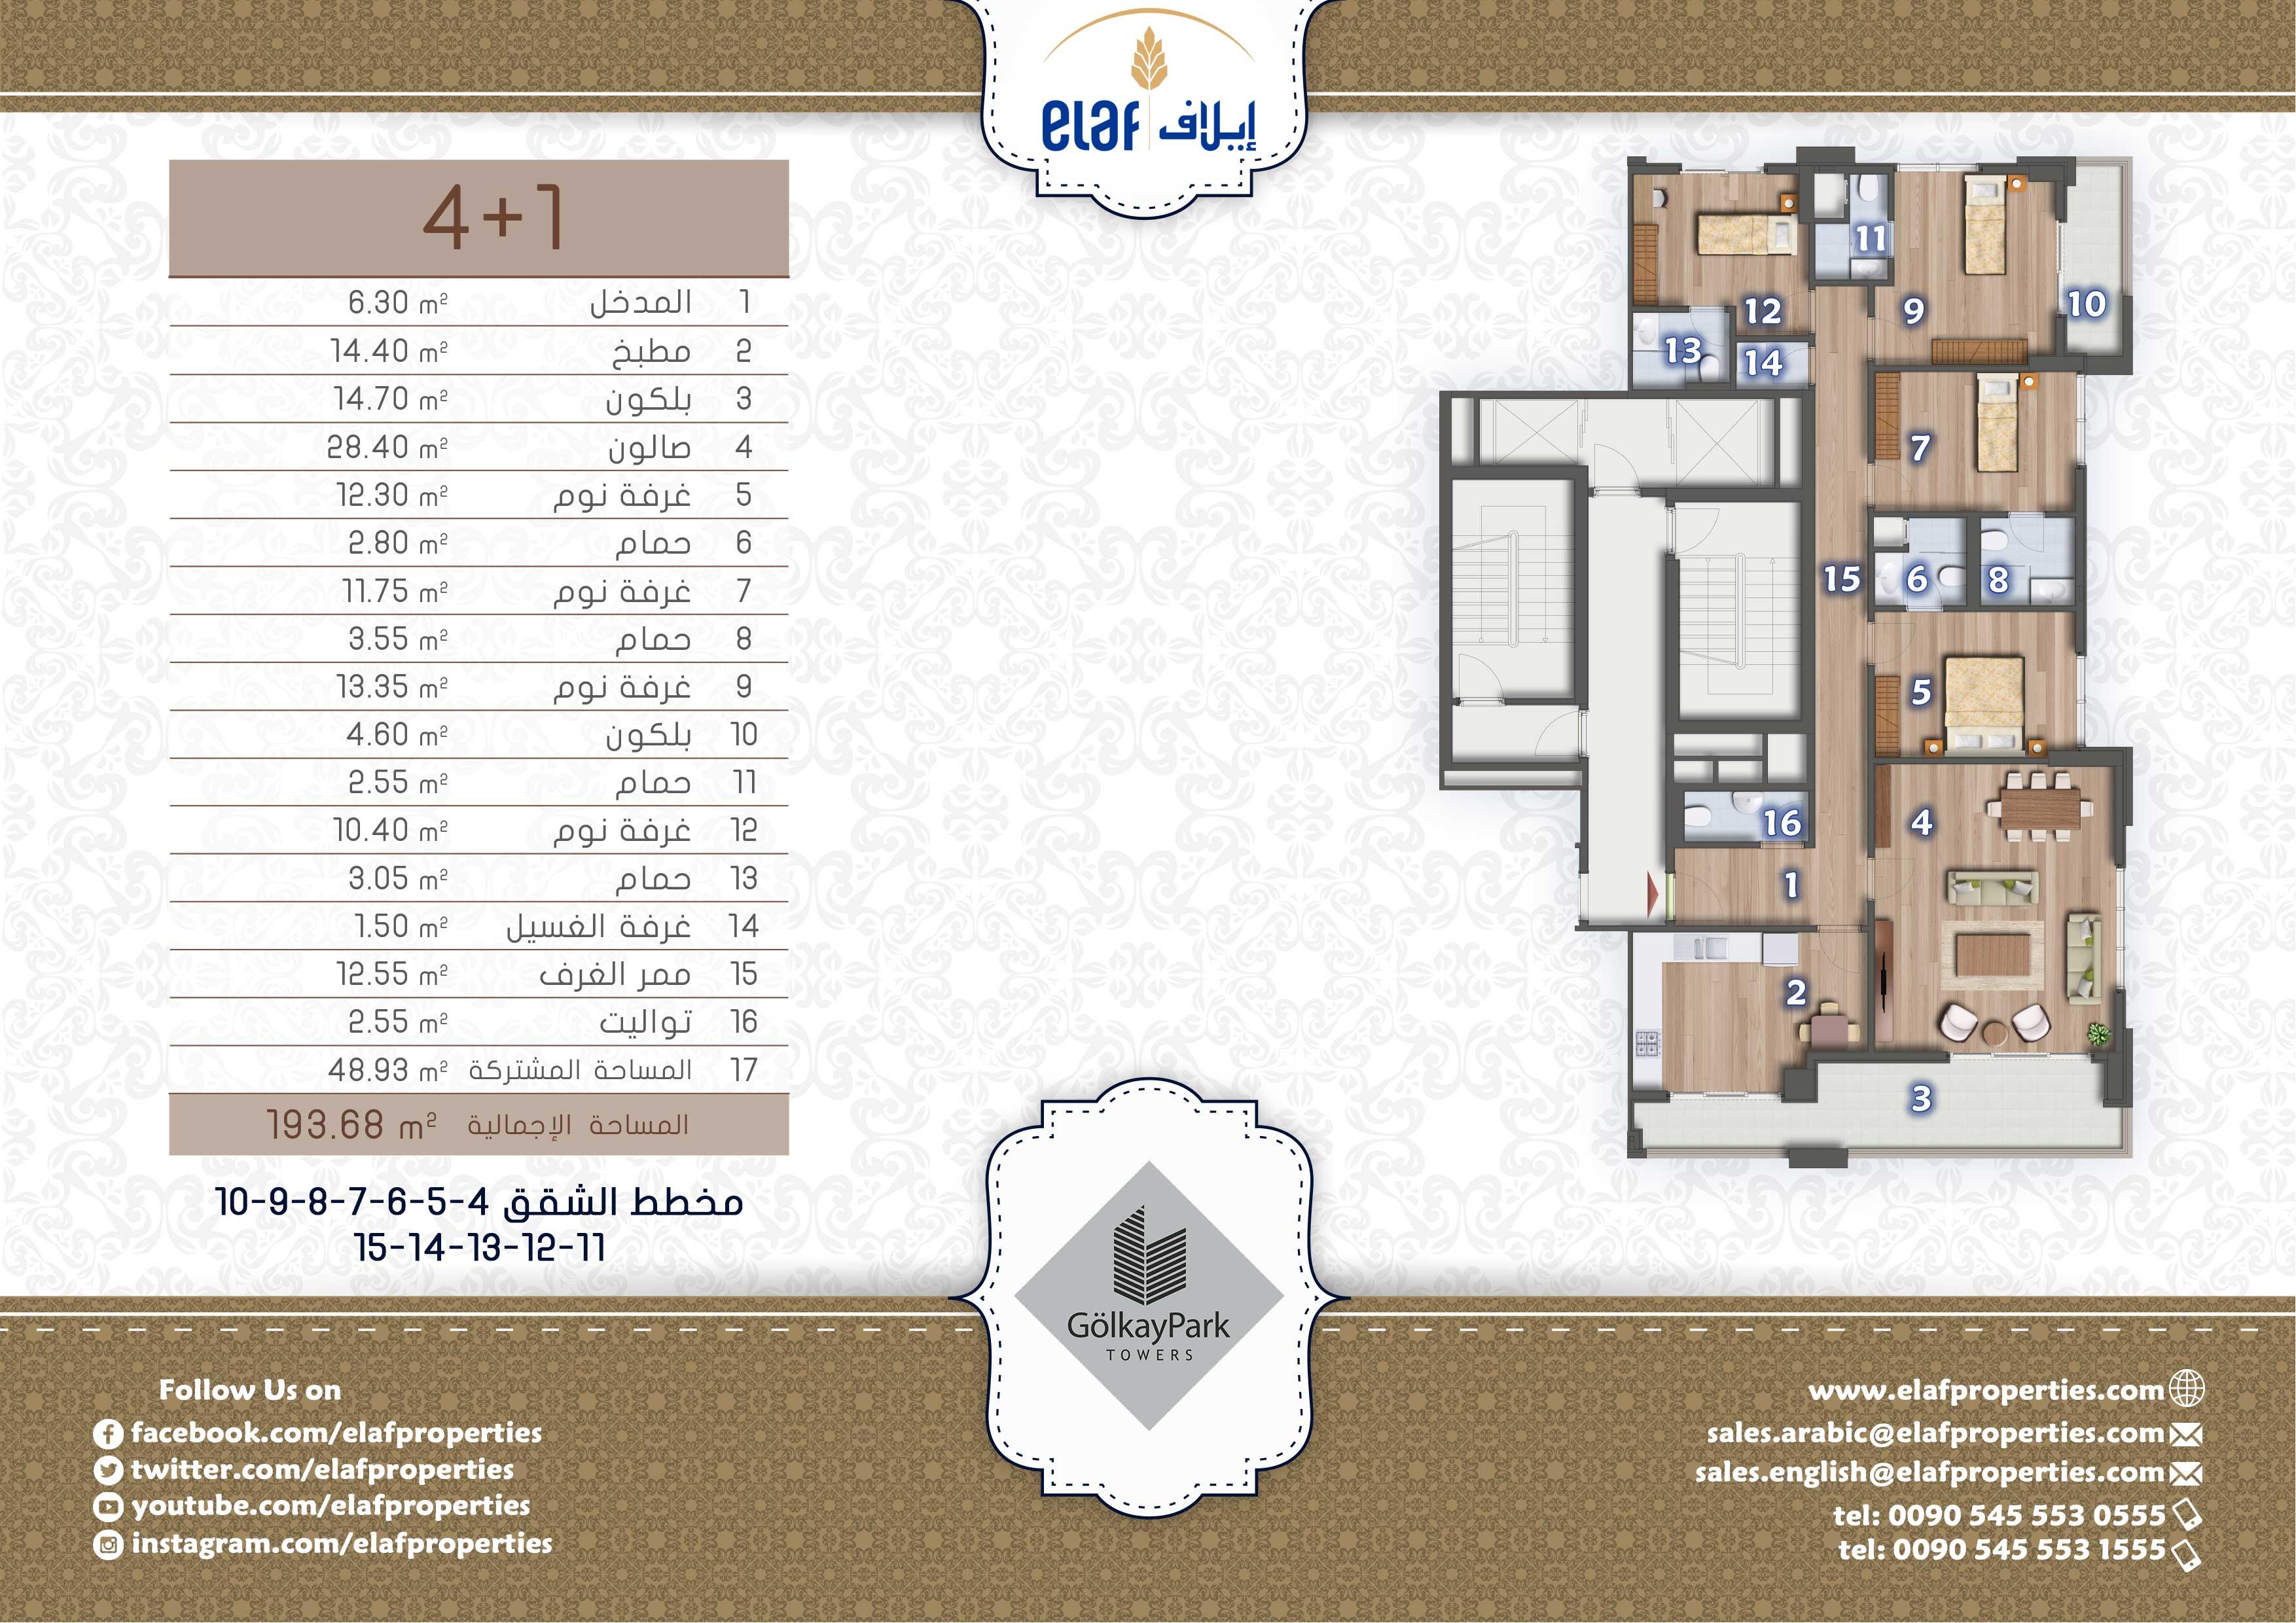 شقة سكنية في كافة الطوابق